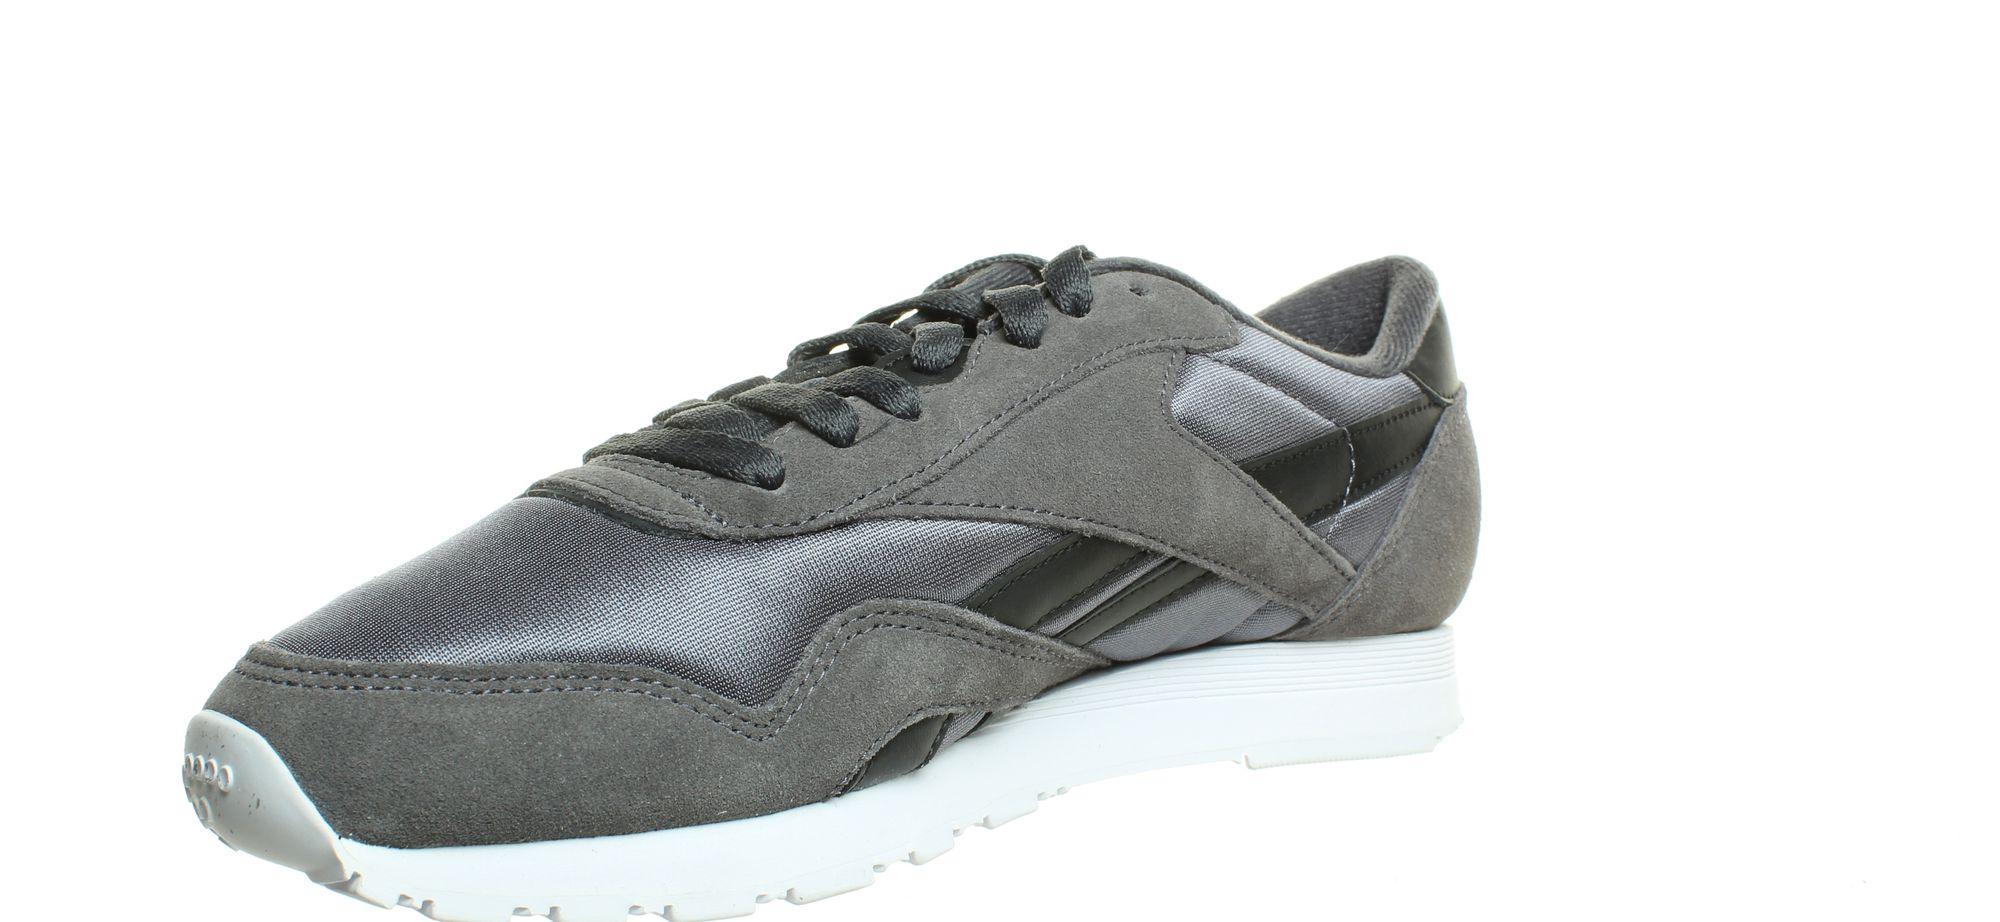 Reebok-Mens-Cl-Nylon-Fashion-Sneakers thumbnail 7